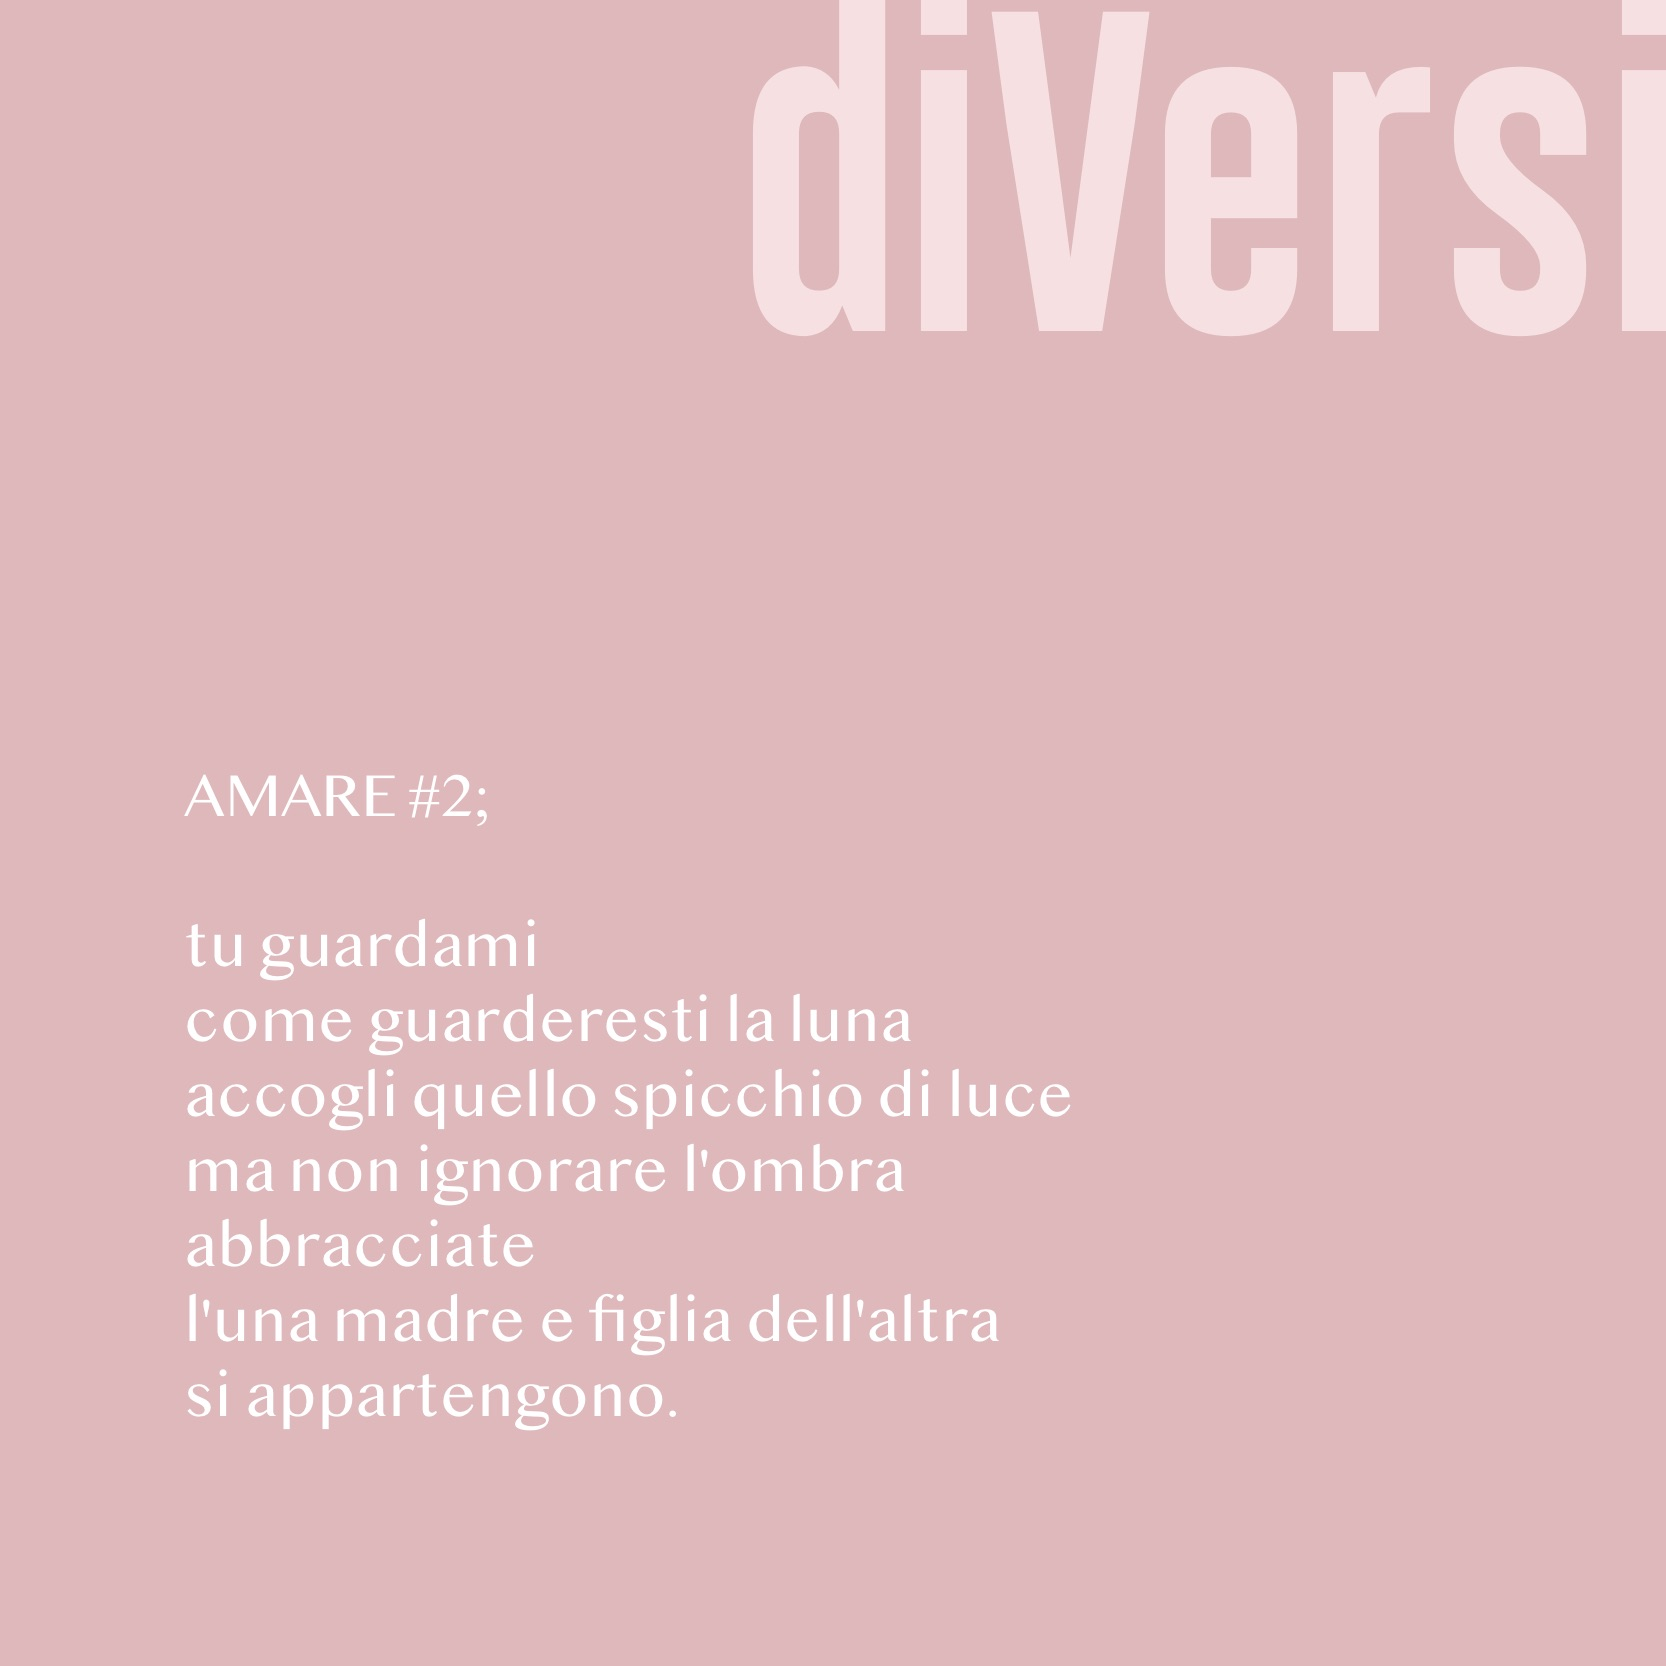 AMARE #2